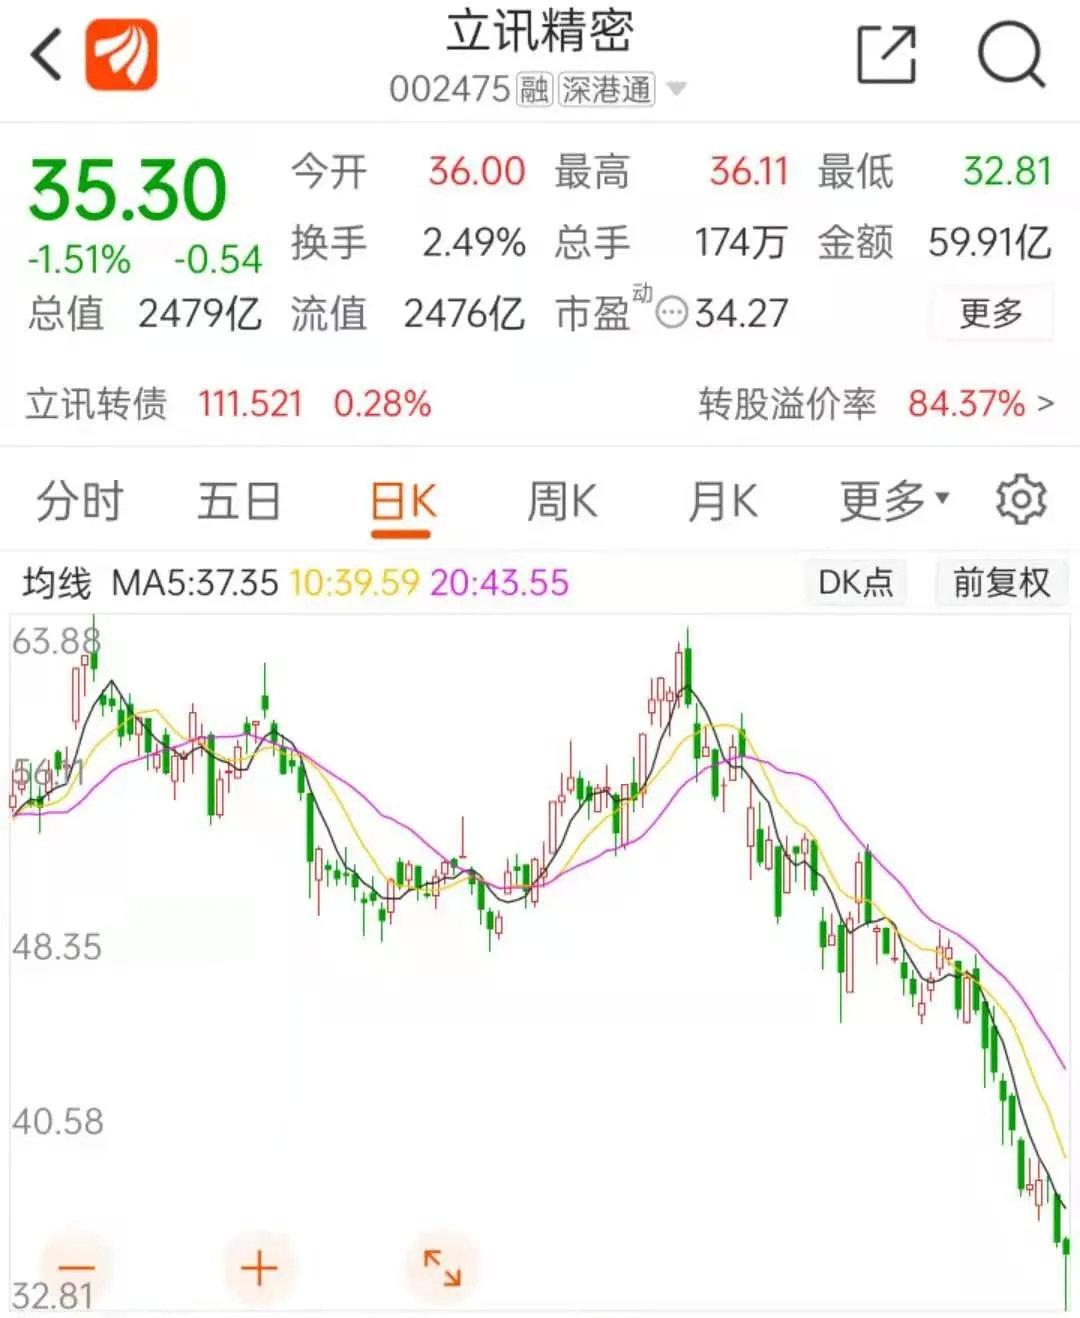 立讯精密股价暴跌1882亿元 立讯精密股票适合抄底吗?